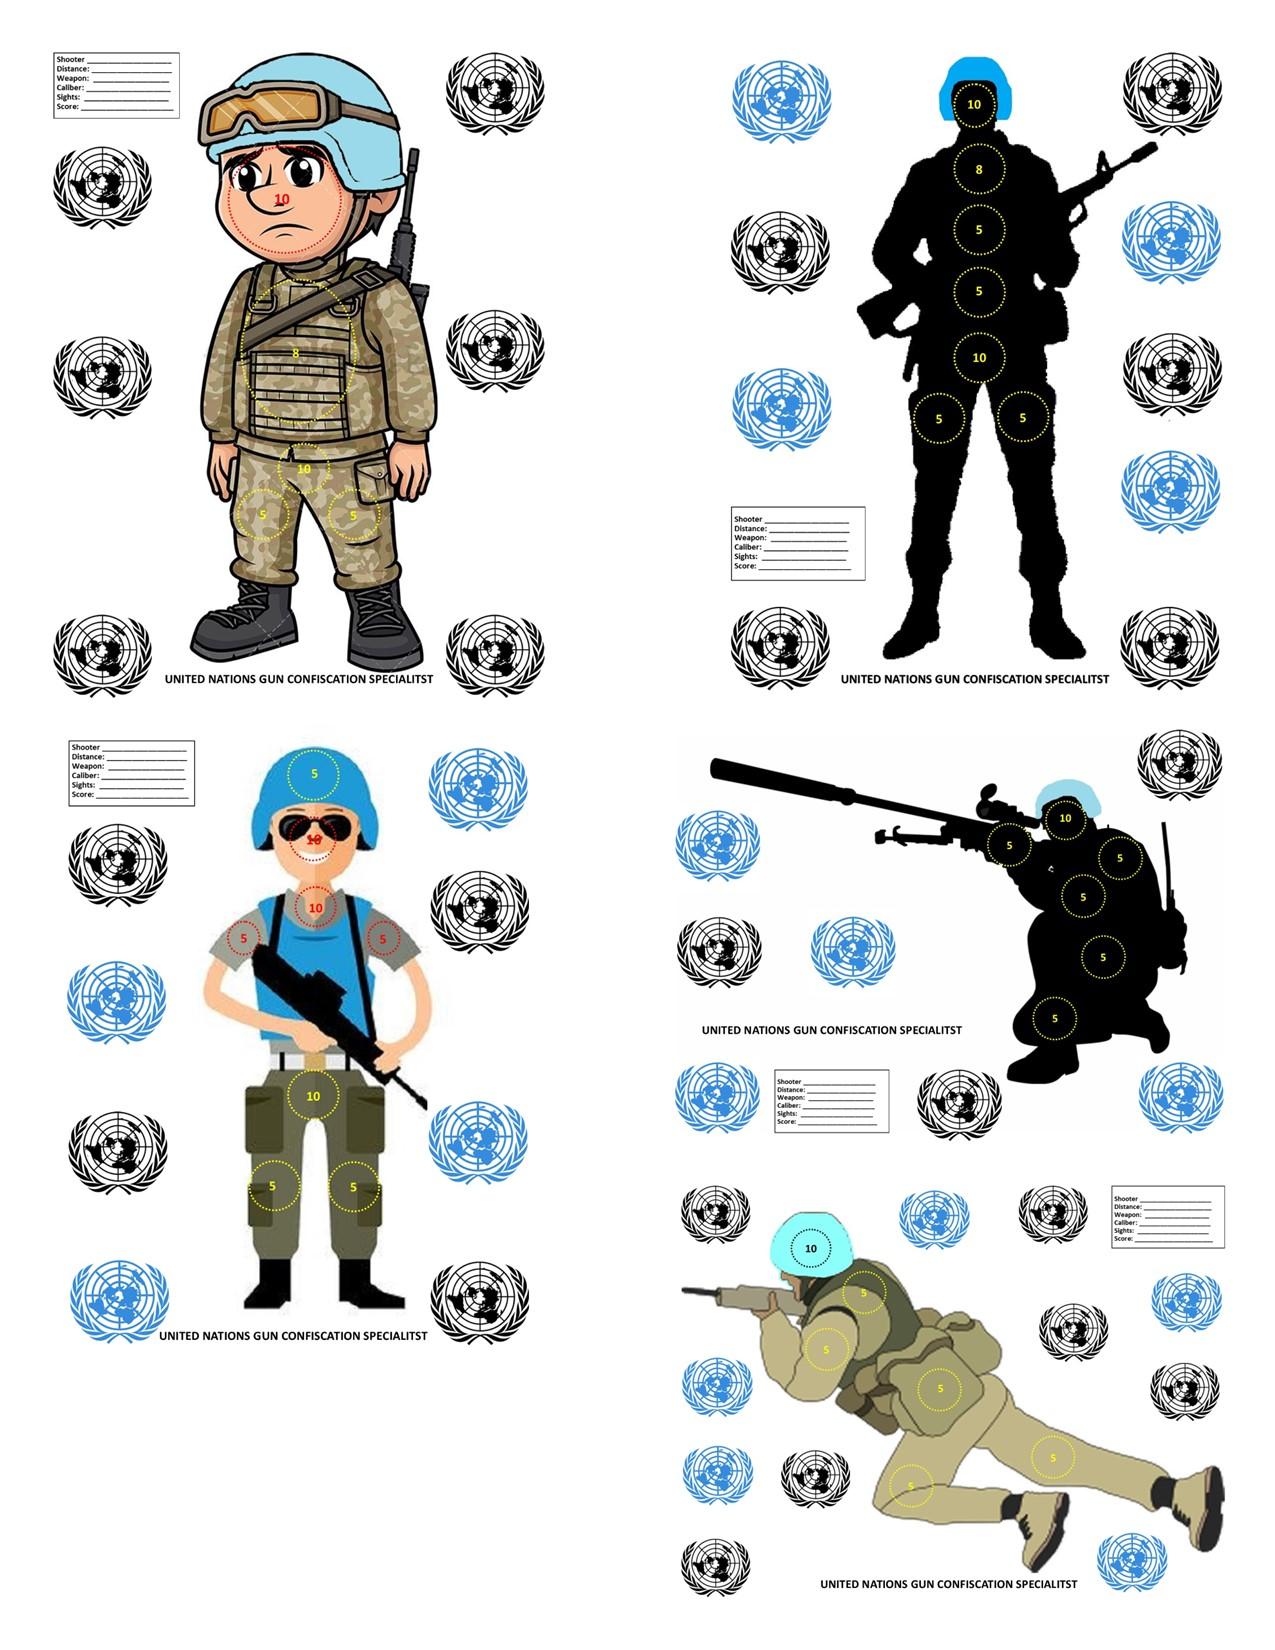 L'ONU engage des agents américains de contrôle des armes et de désarmement civil Un_gun10